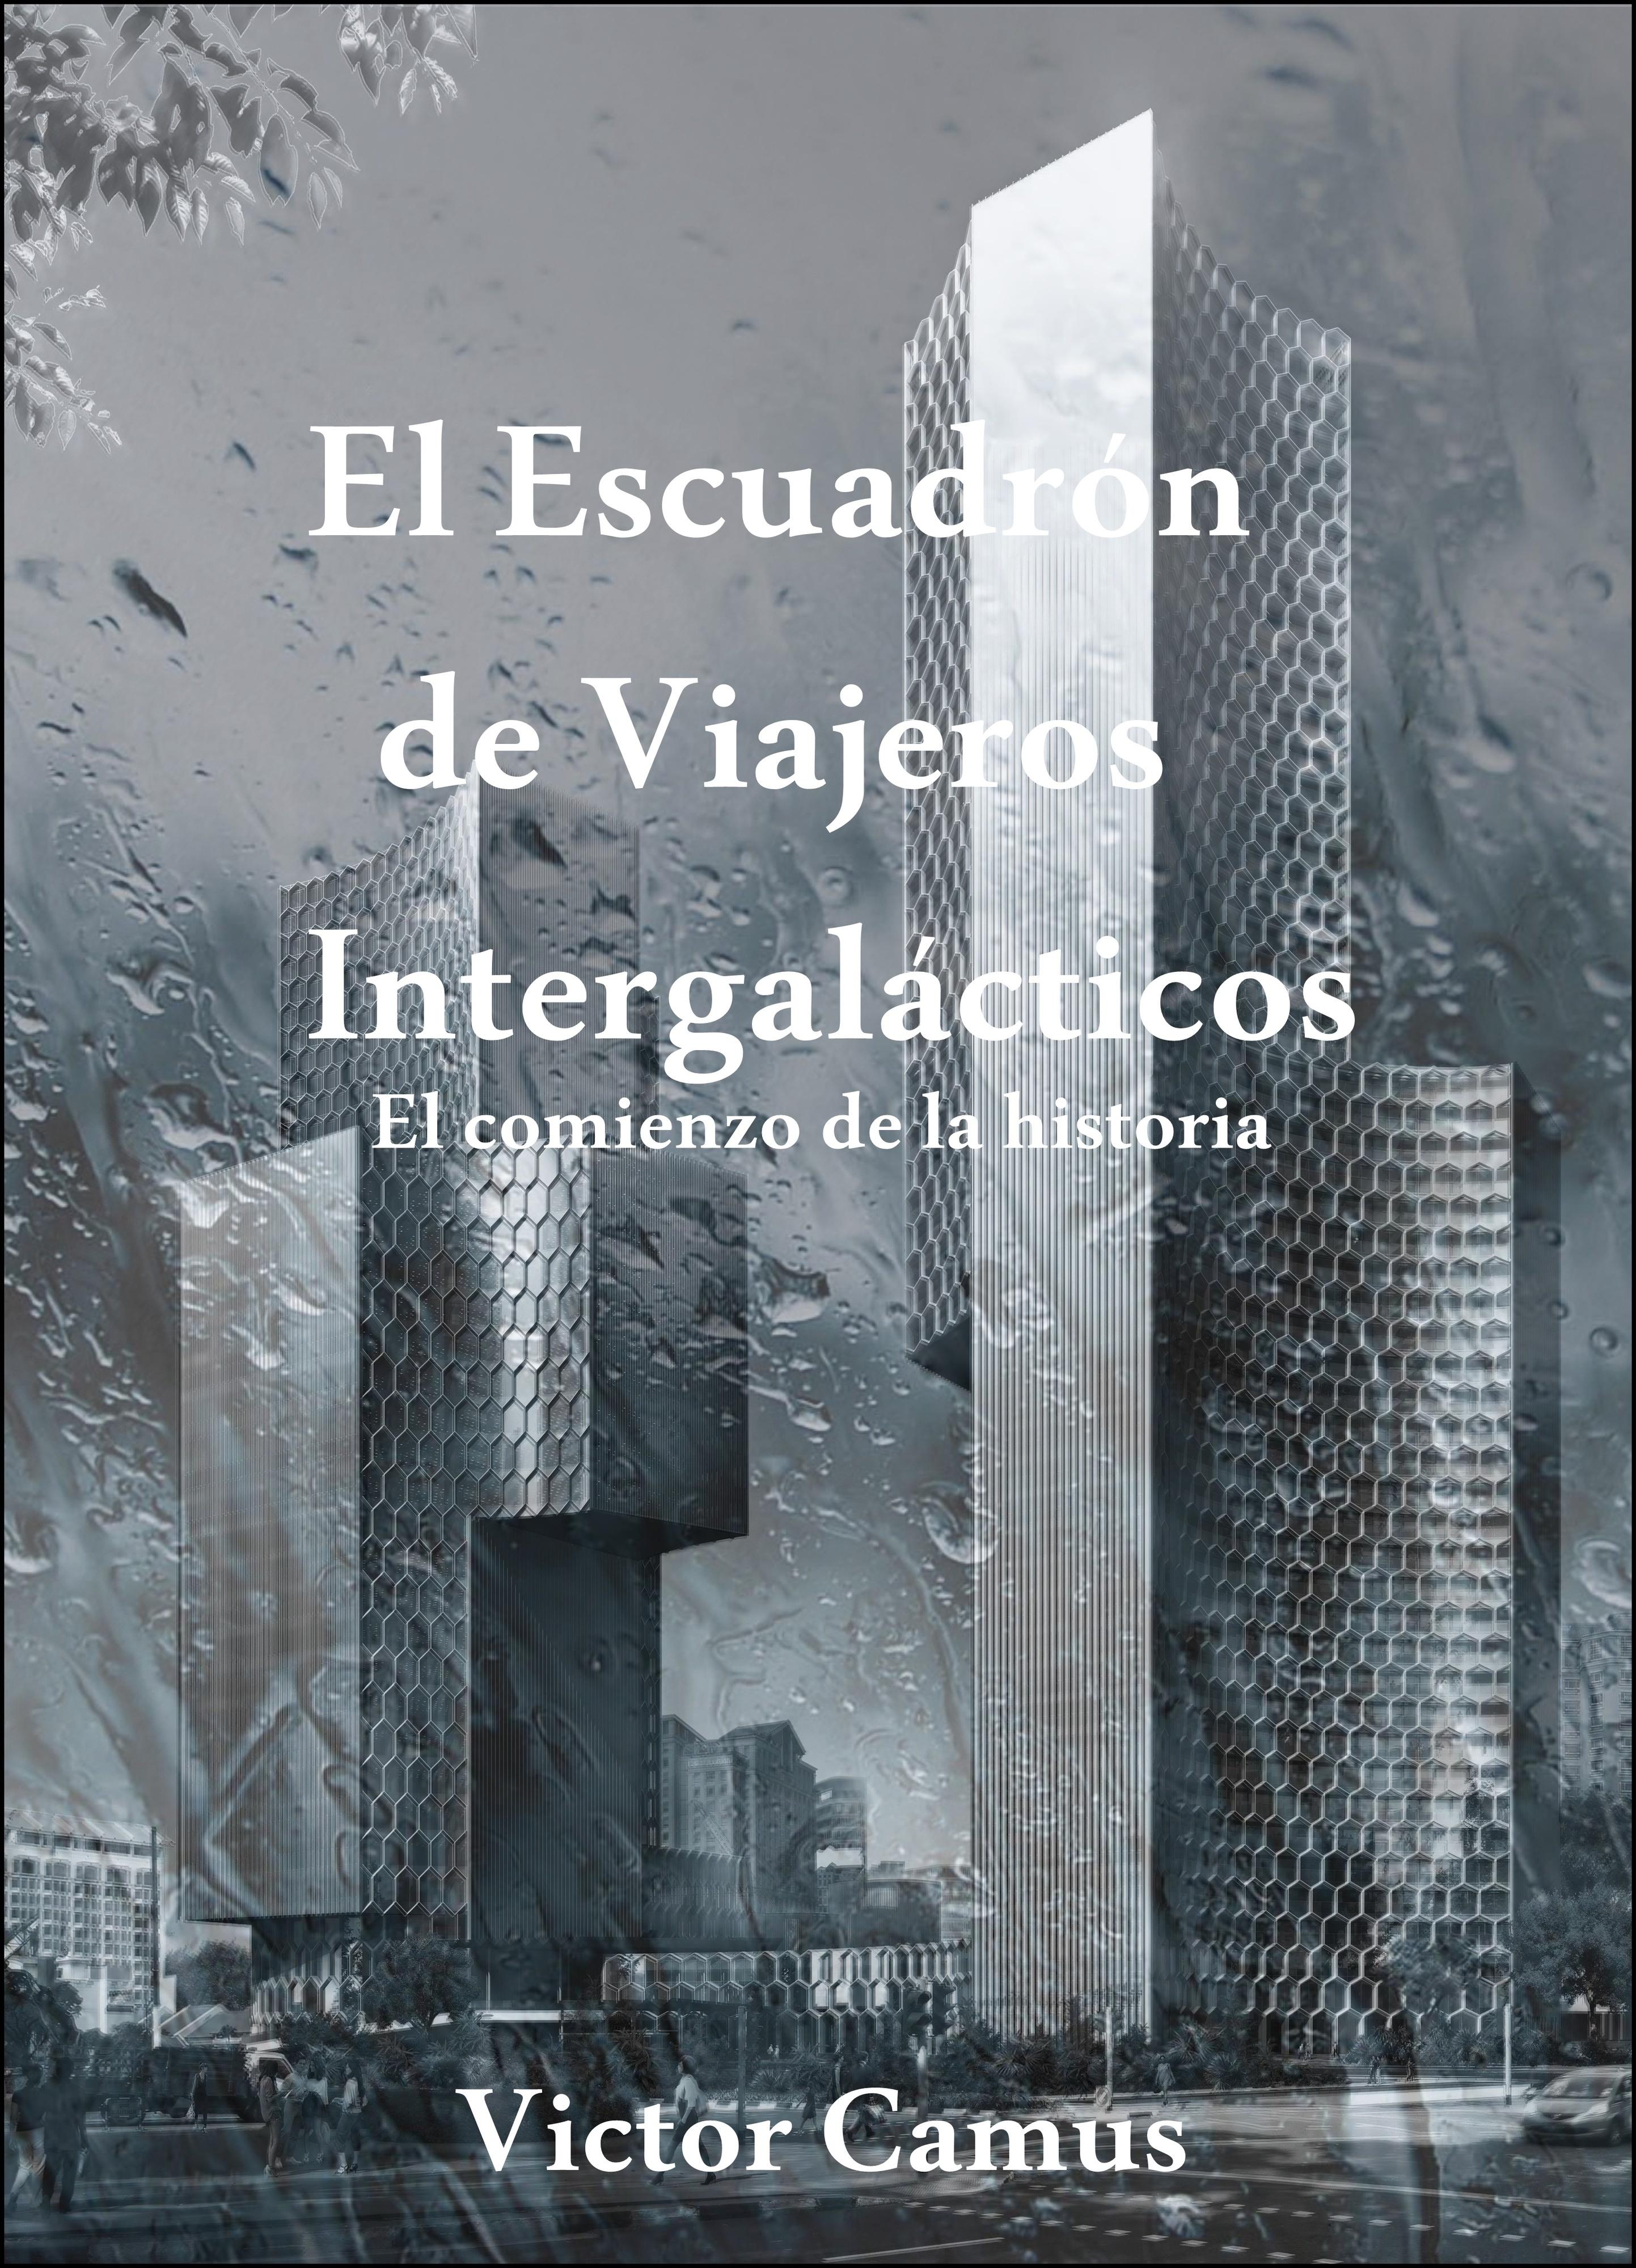 El Escuadrón de Viajeros Intergalácticos  by  Victor Camus, Jr